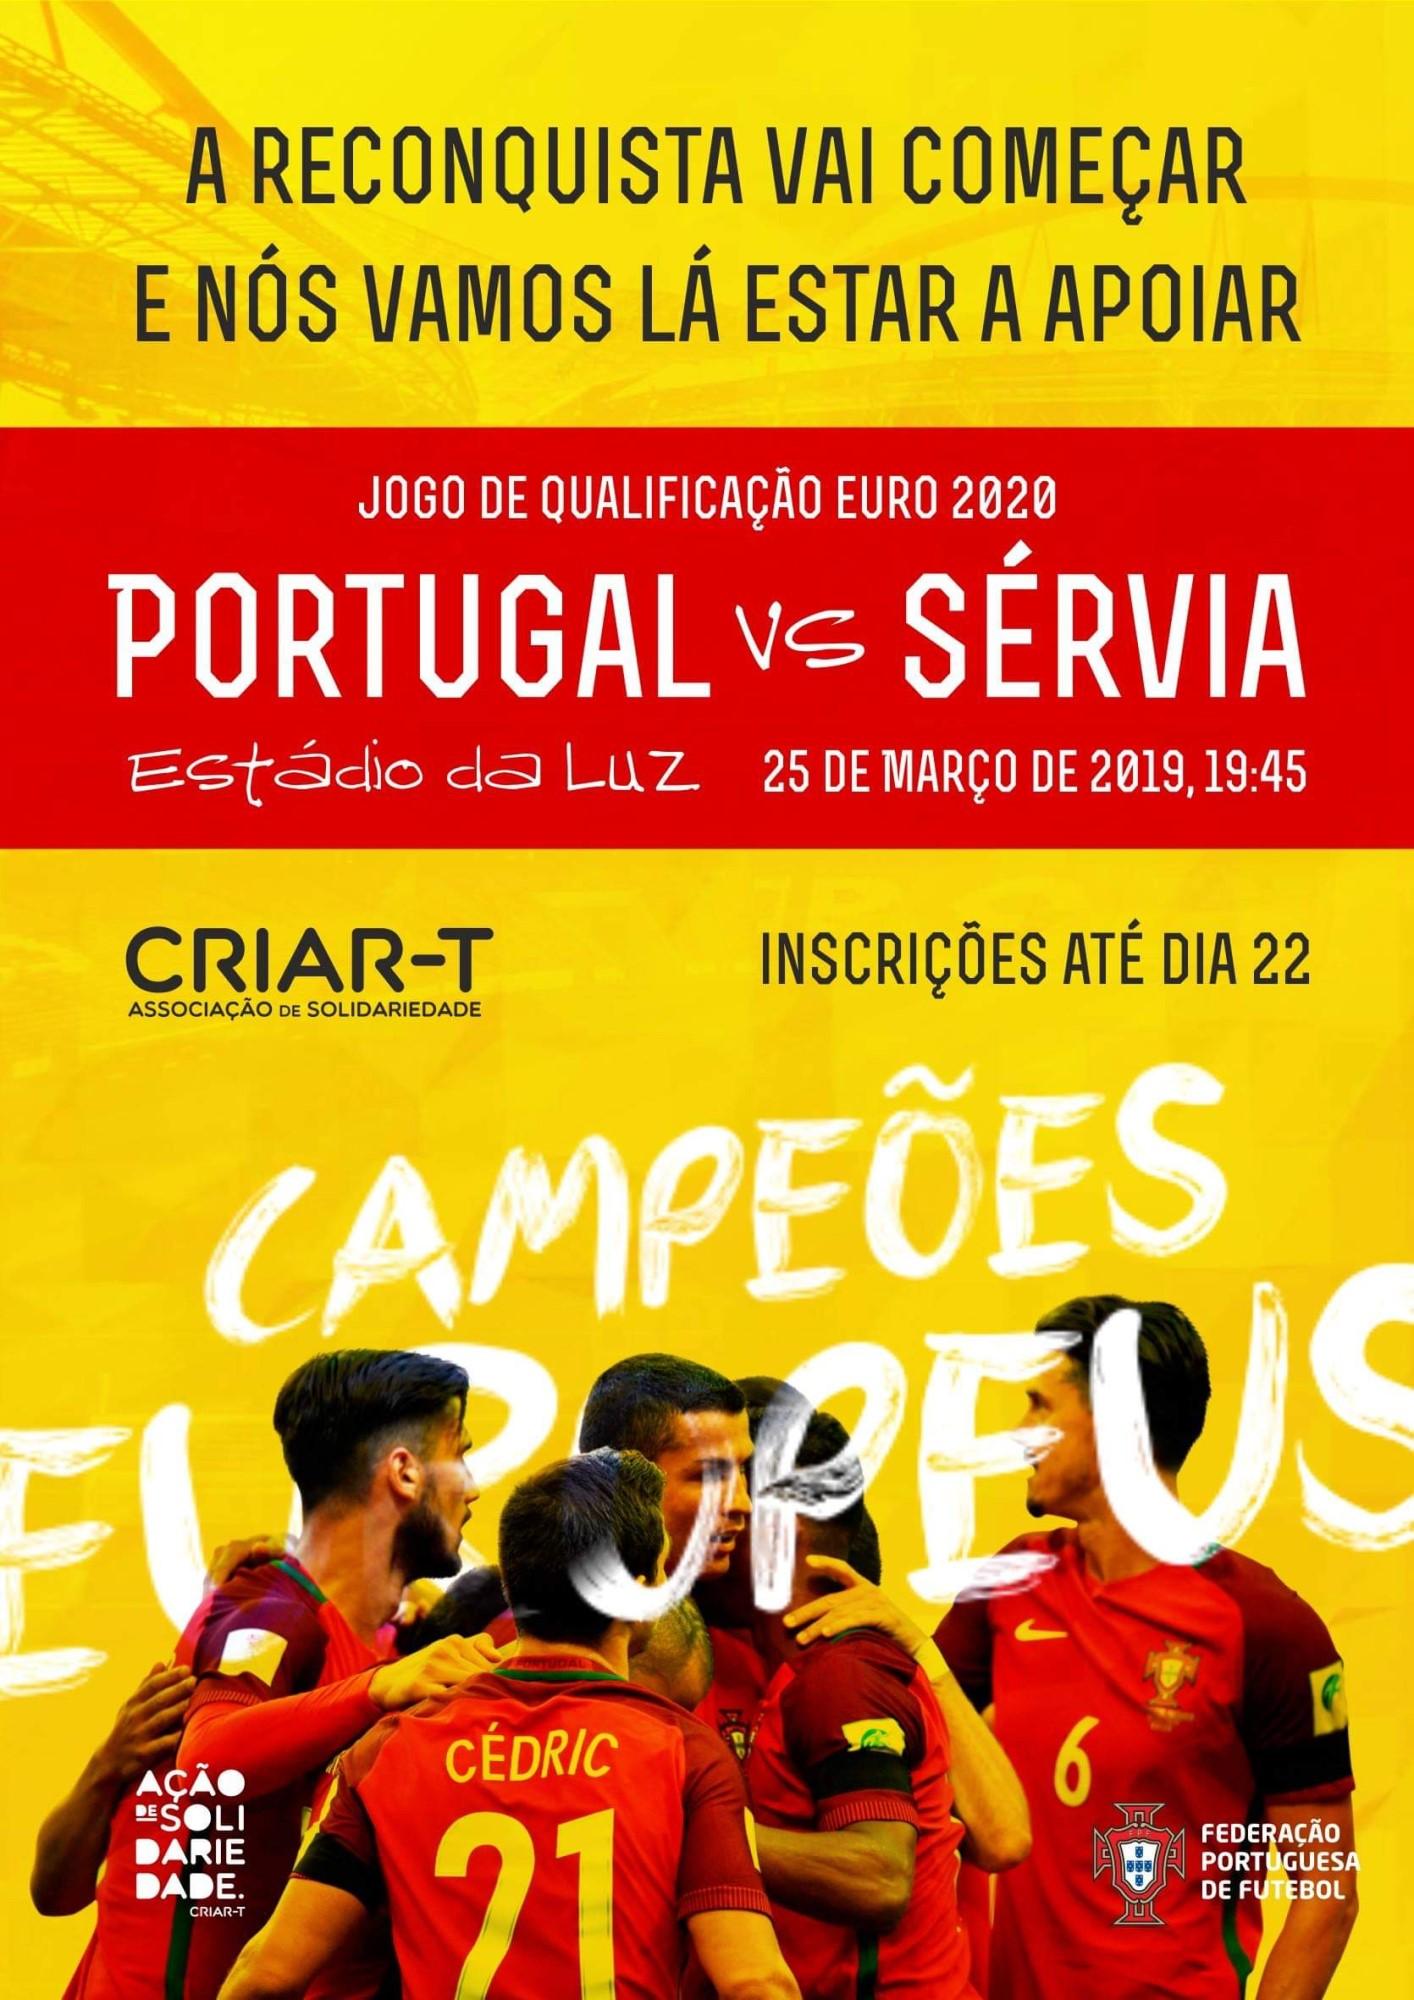 PortugalvsServia